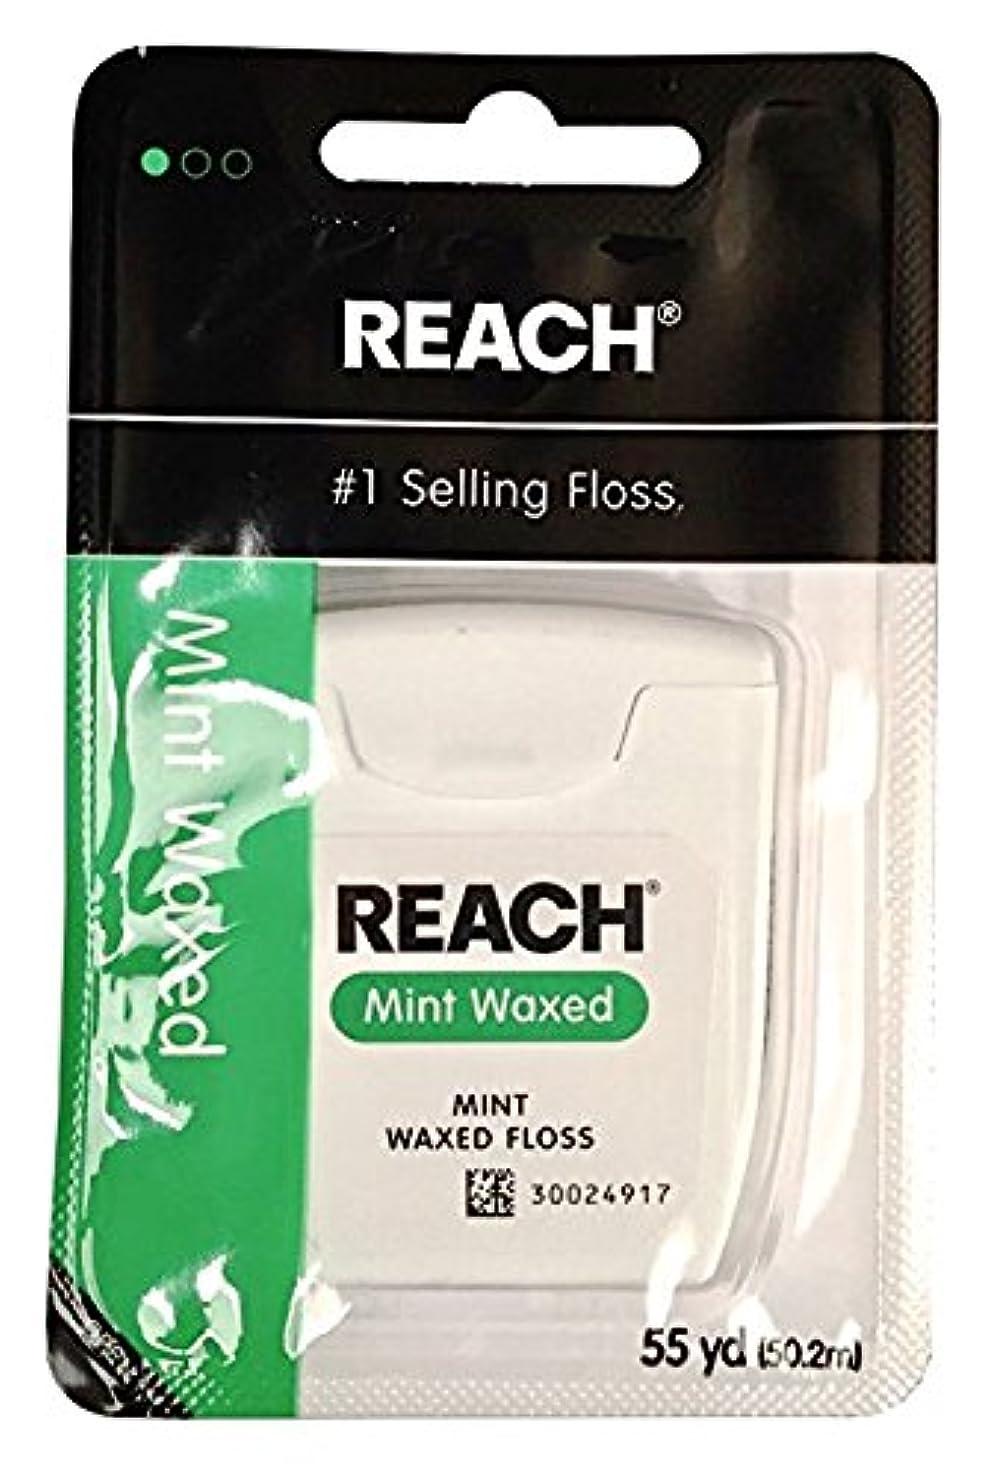 クレデンシャル王室ブルジョンREACH Mint Waxed Floss 55 yds 6 pack (50.2 m) [並行輸入品]